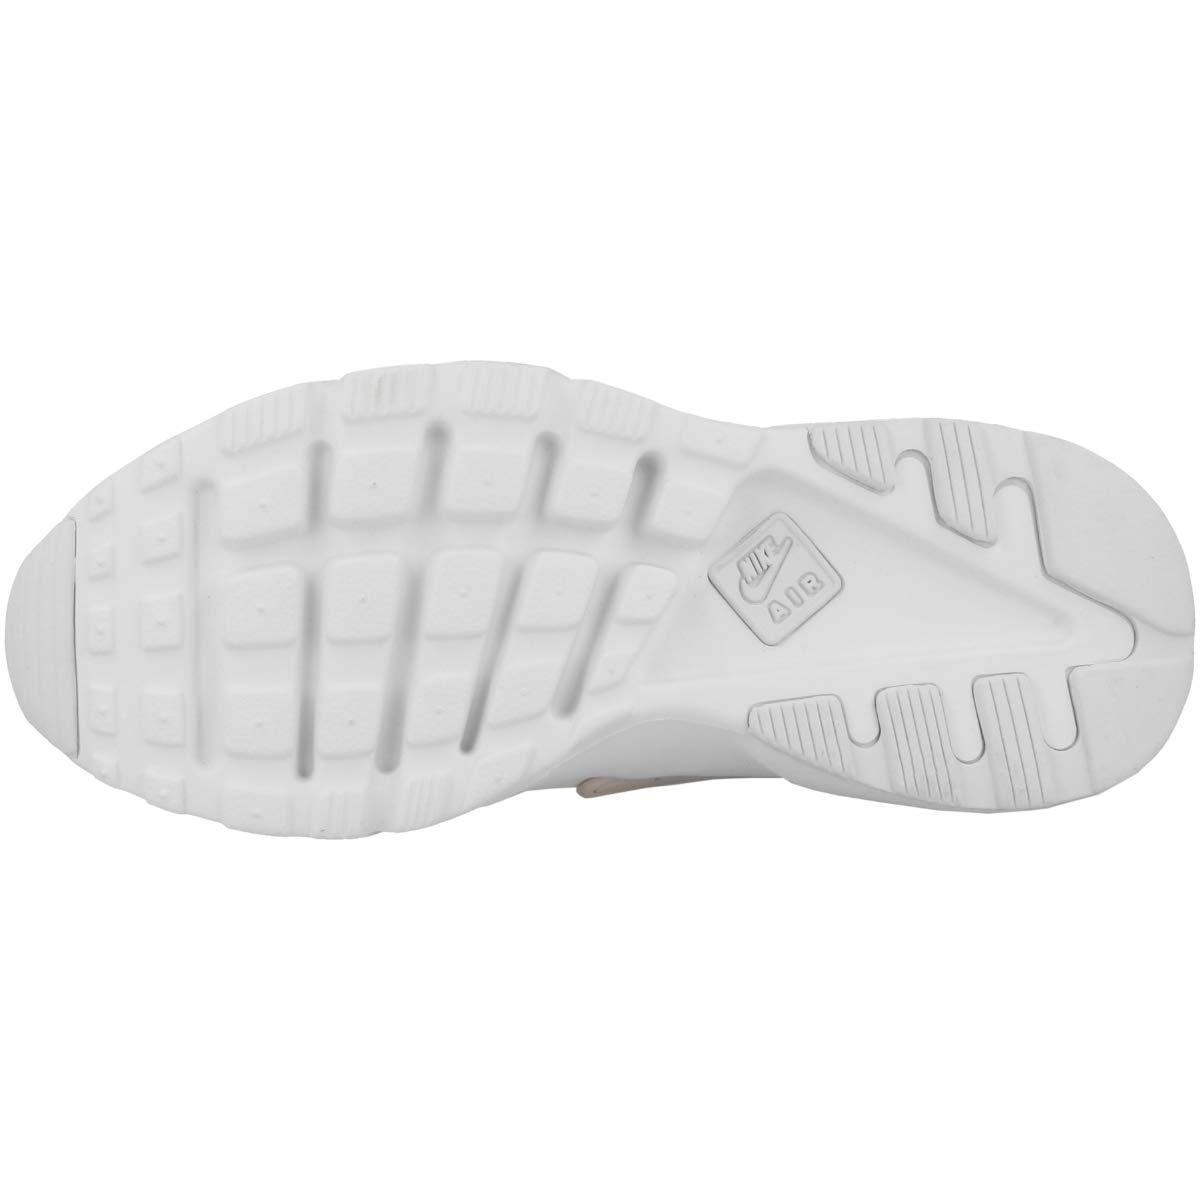 Nike Mädchen Air Huarache Run Ultra Gs Laufschuhe Laufschuhe Laufschuhe 565e8d